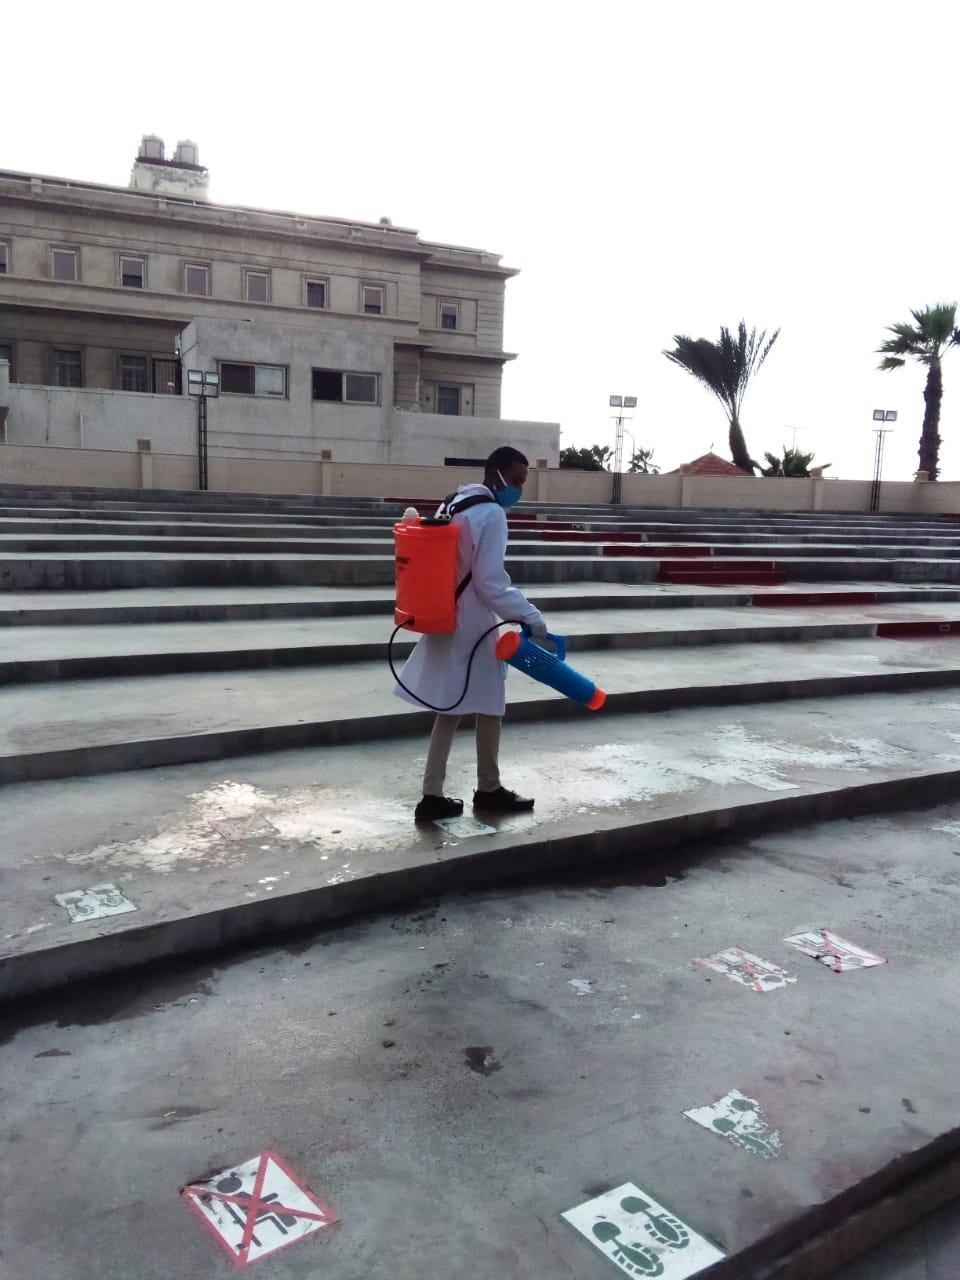 اجراءات احترازية مهرجان الإسكندرية السينمائي (3)